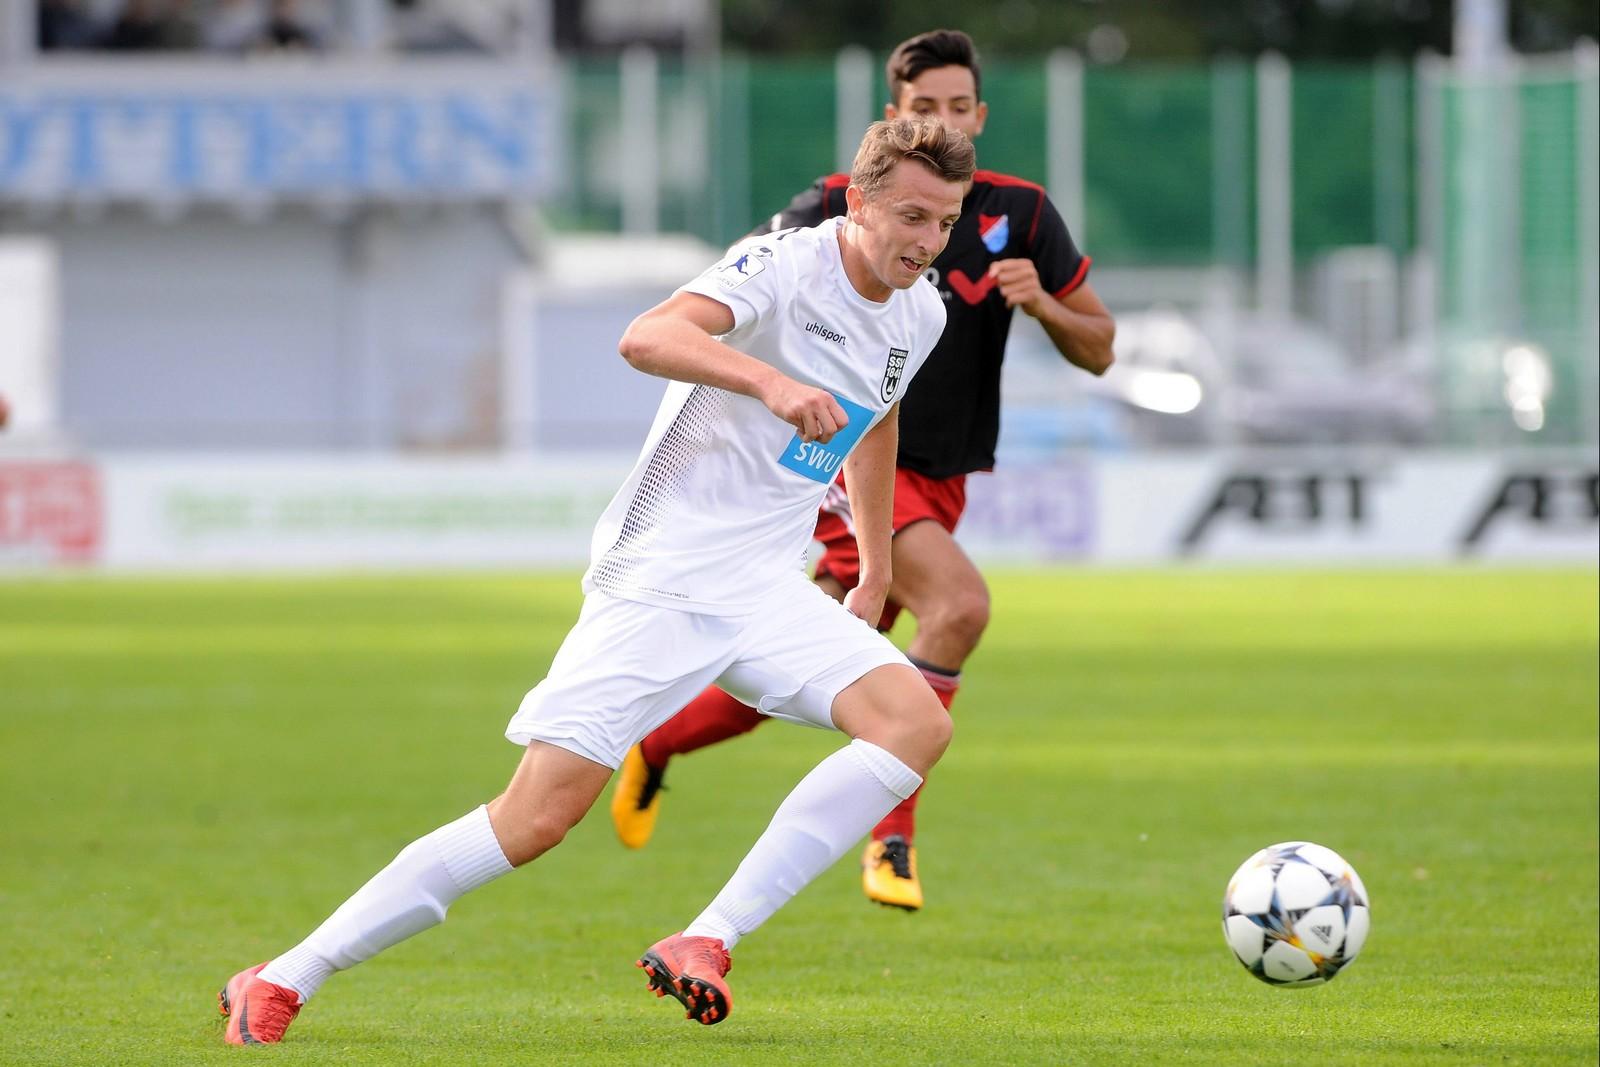 Kann in Ulm den Fußball mit einem Medizin-Studium verbinden: Lennart Stoll.